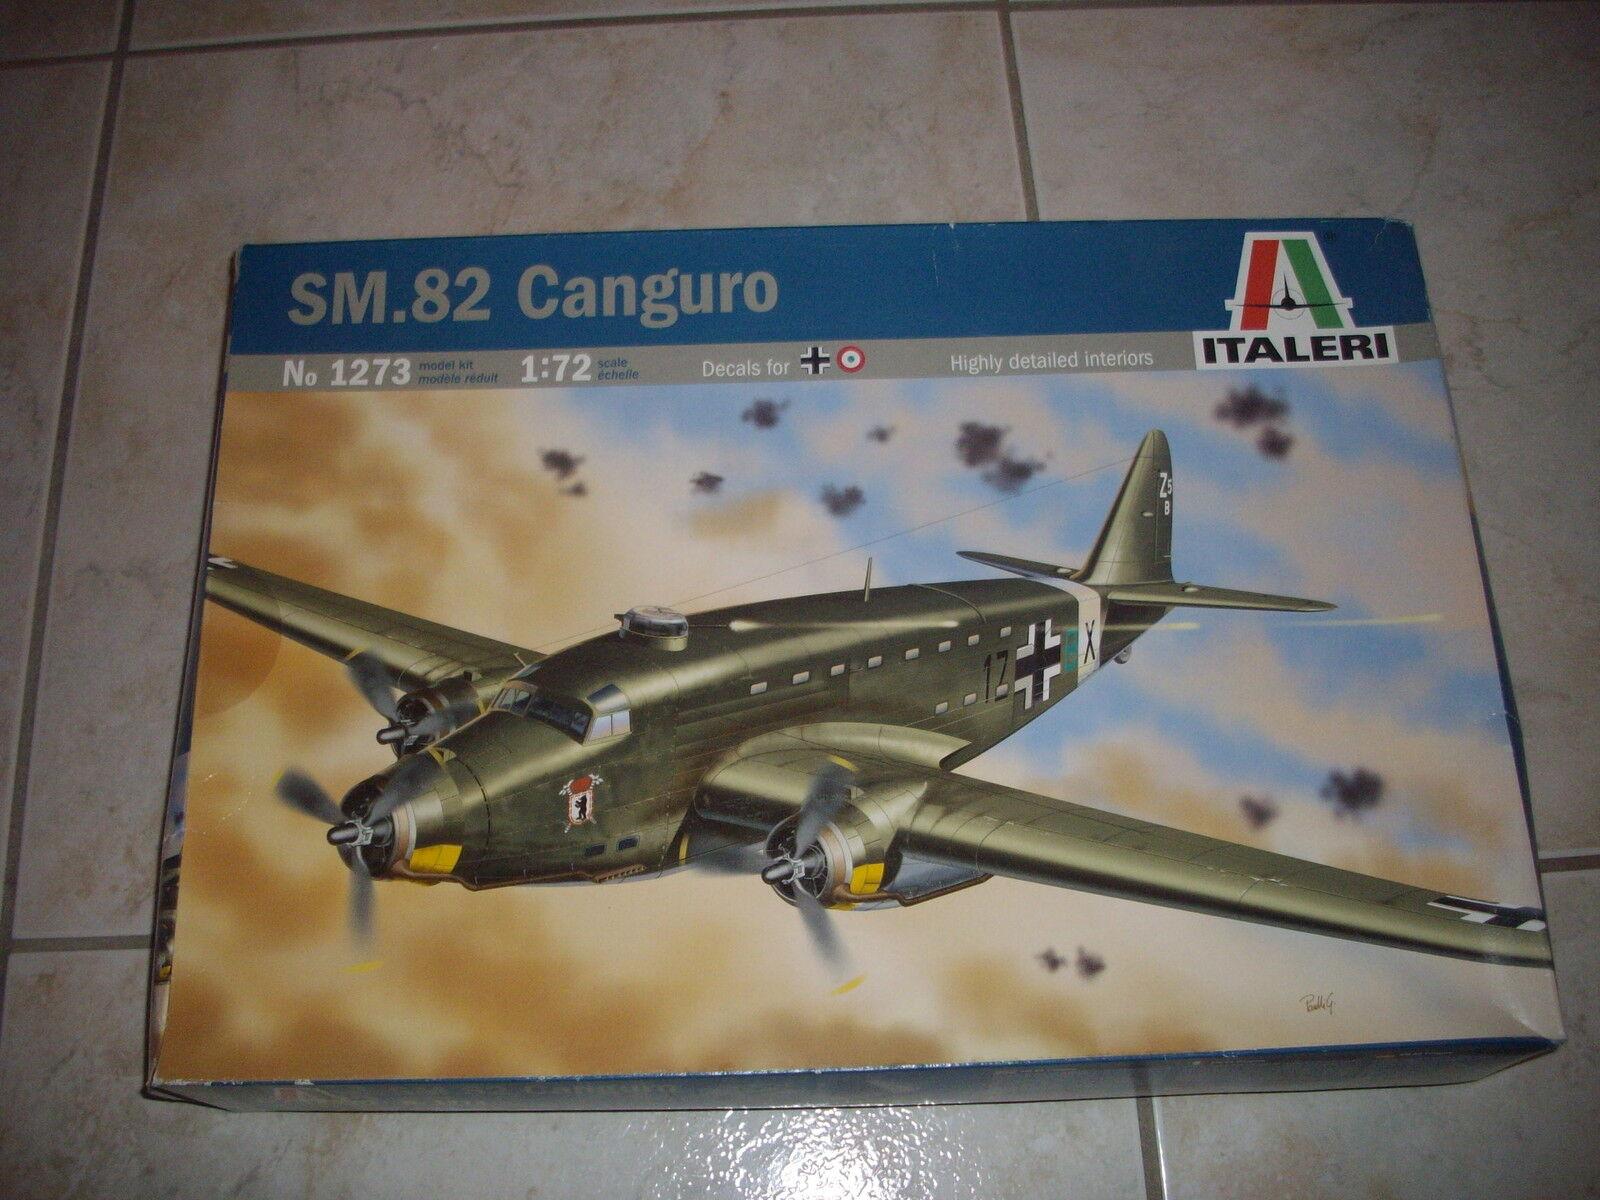 ITALERI SM.82 CANGURO PLASTIC MODEL 1 72